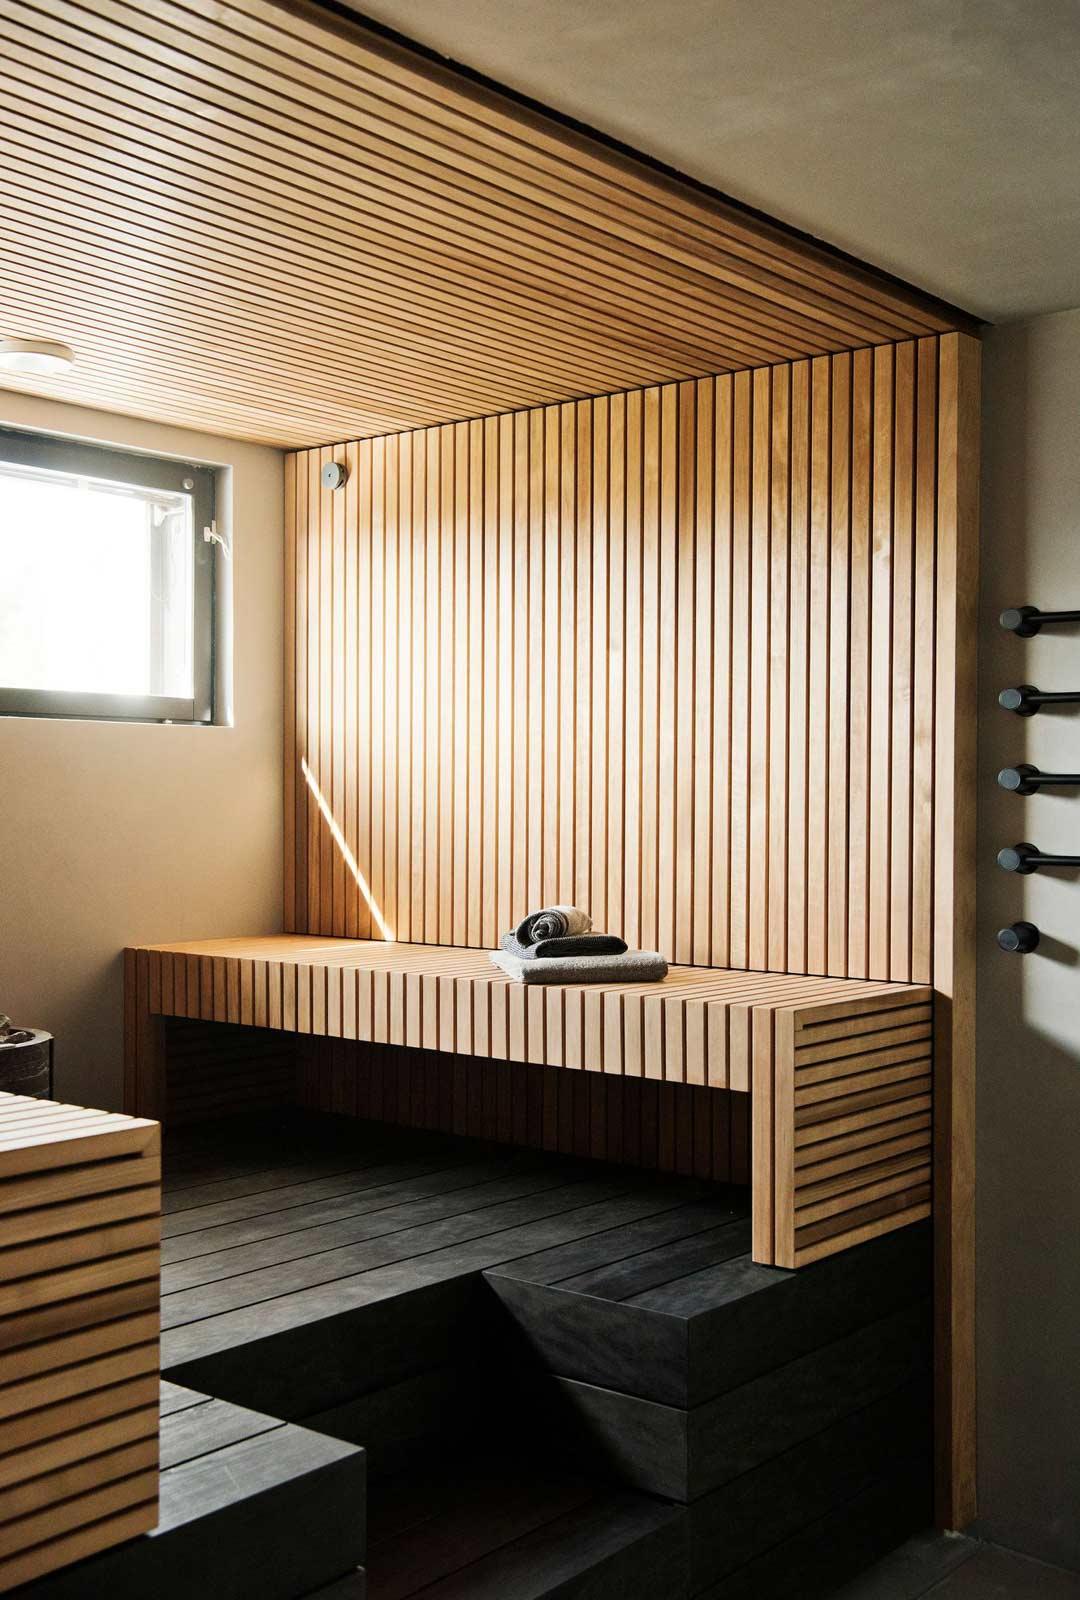 Nylundien saunakin huokuu avaruutta ja rauhaa, mitä he toivovat koko kodiltaan.